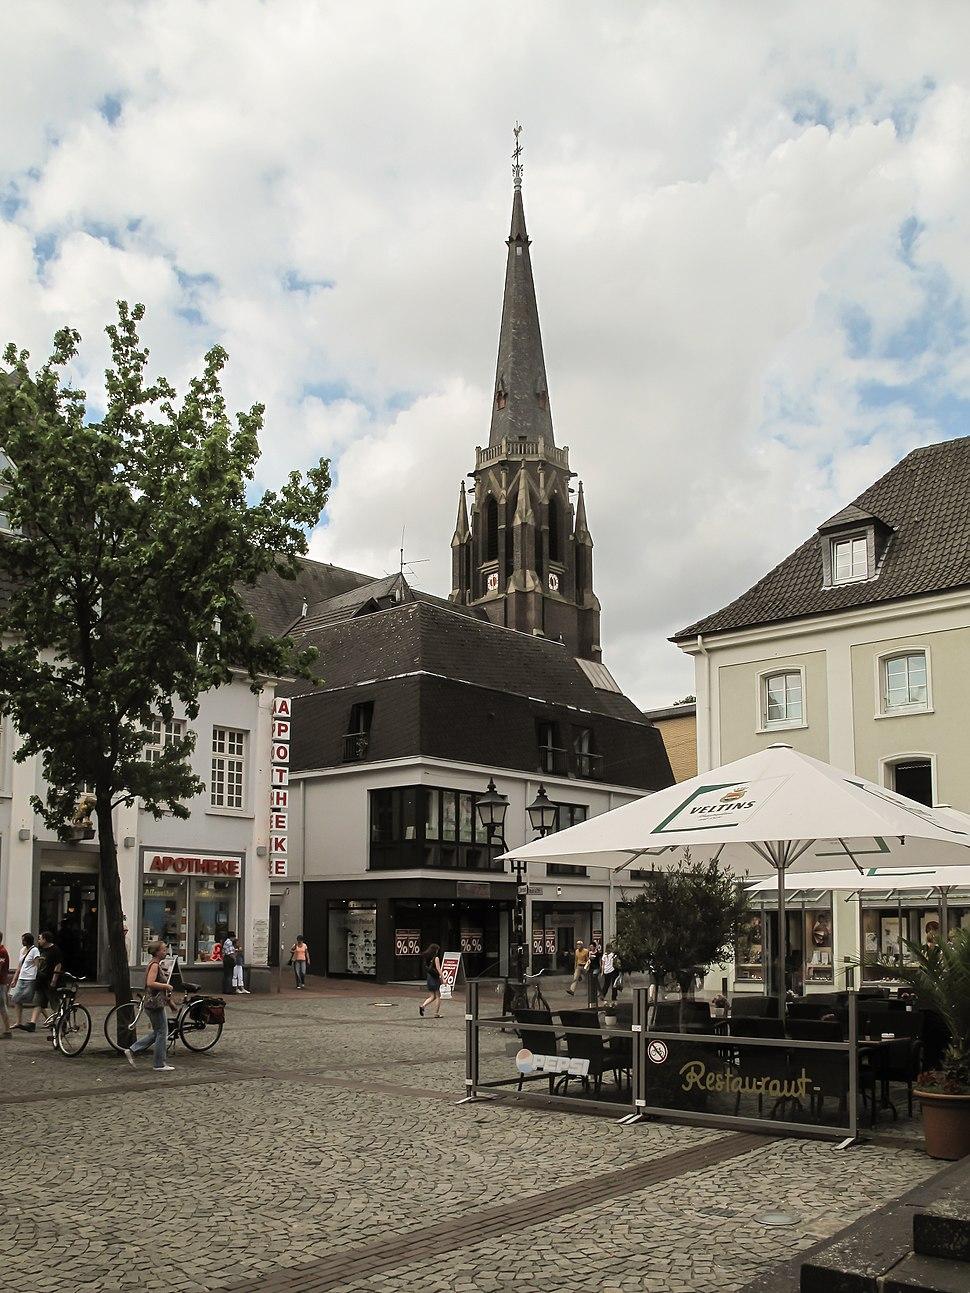 Moers, evangelische Stadtkirche in straatzicht Dm2 foto3 2013-07-29 11.29